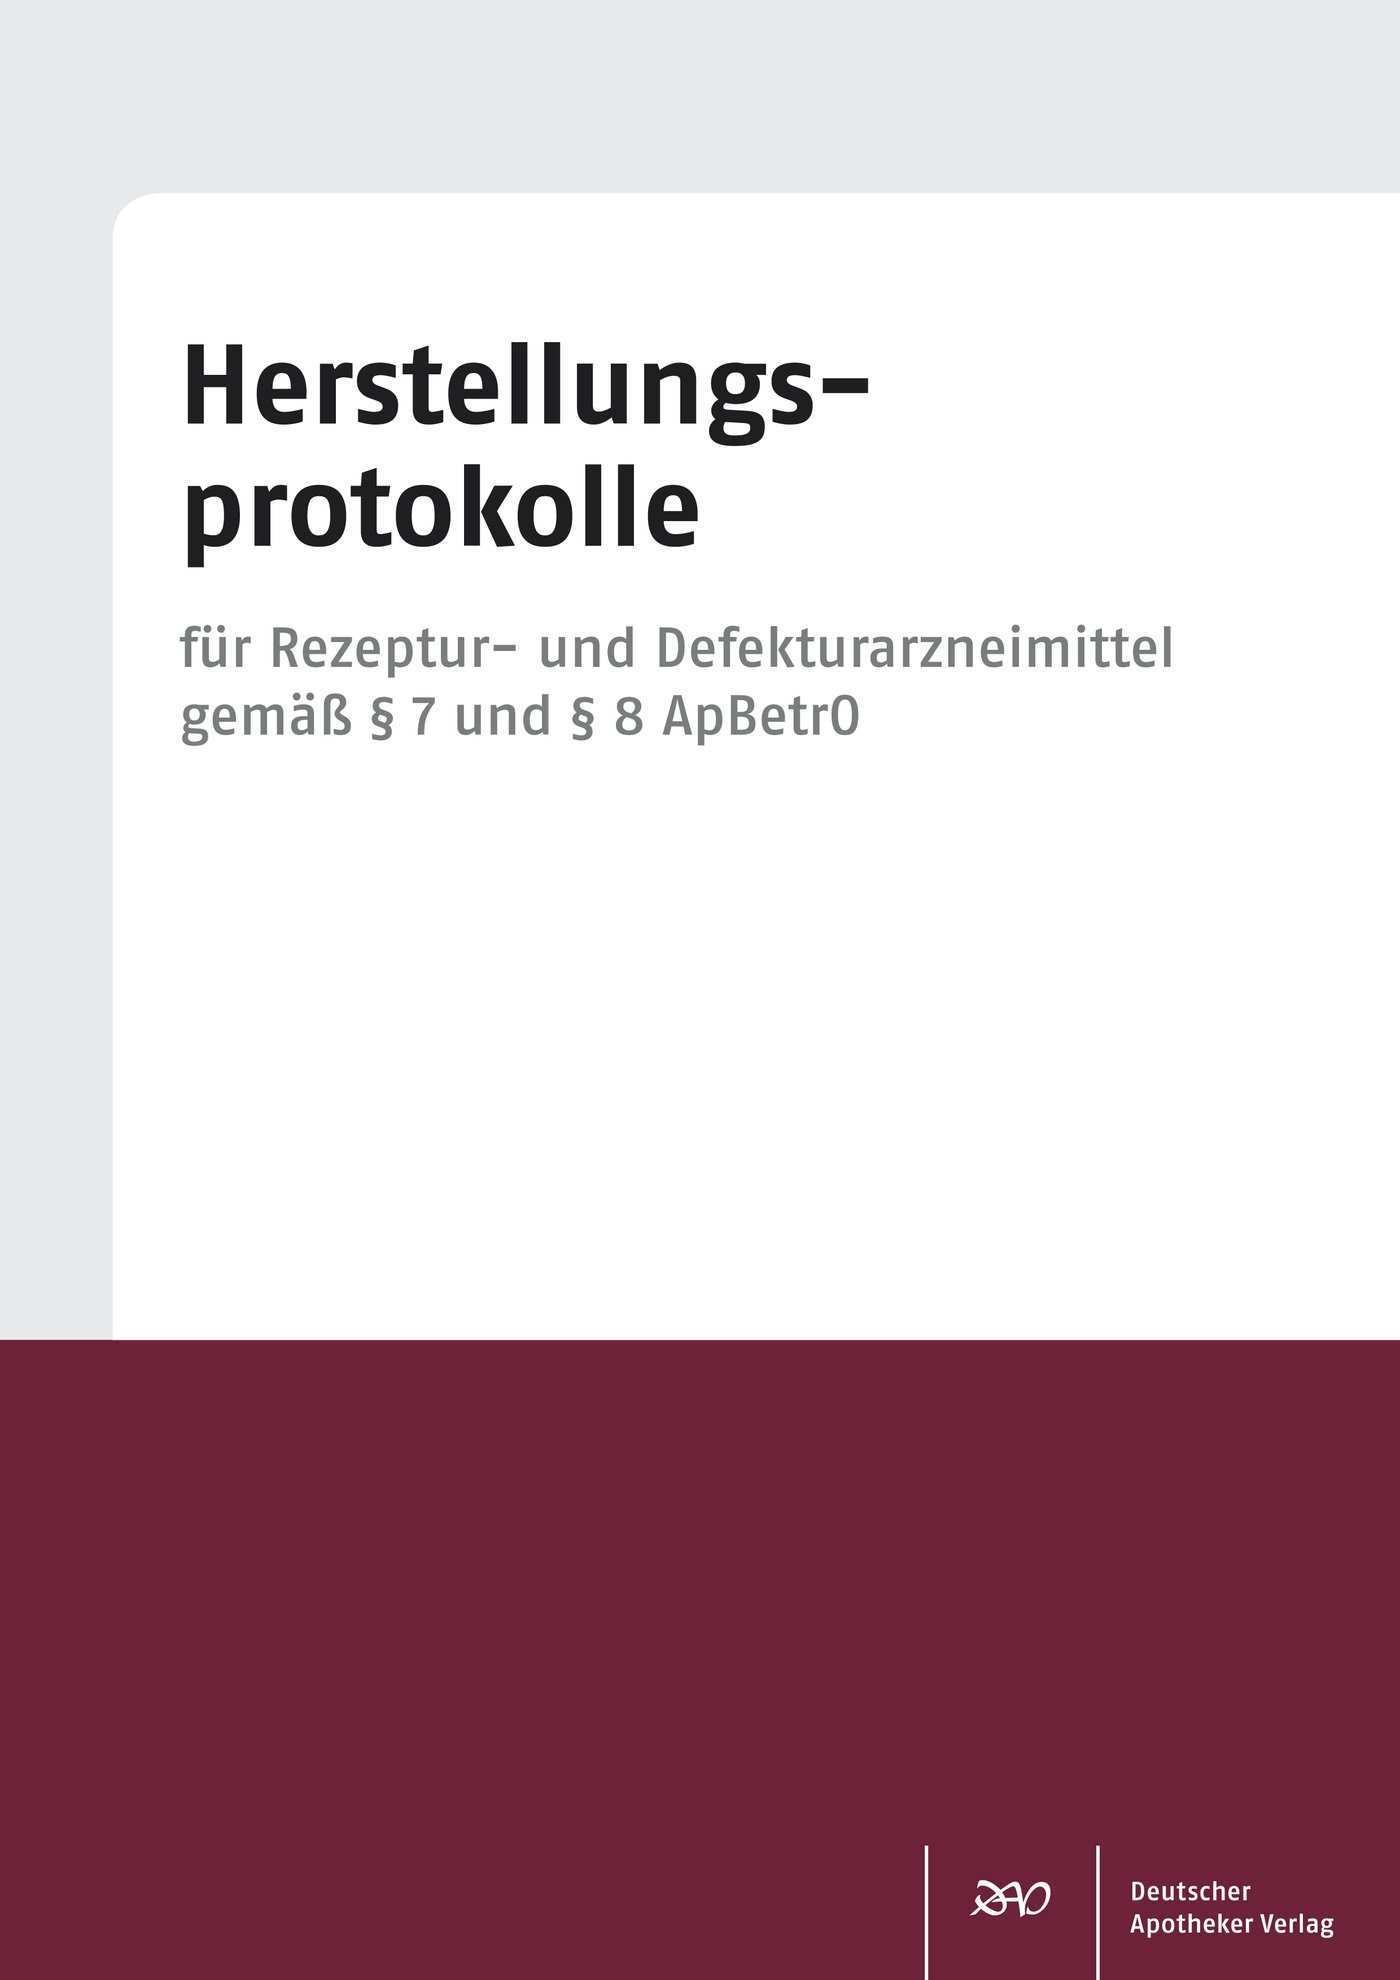 Herstellungsprotokolle Rezeptur Und Defektur Block Mit 120 Blatt Shop Deutscher Apotheker Verlag